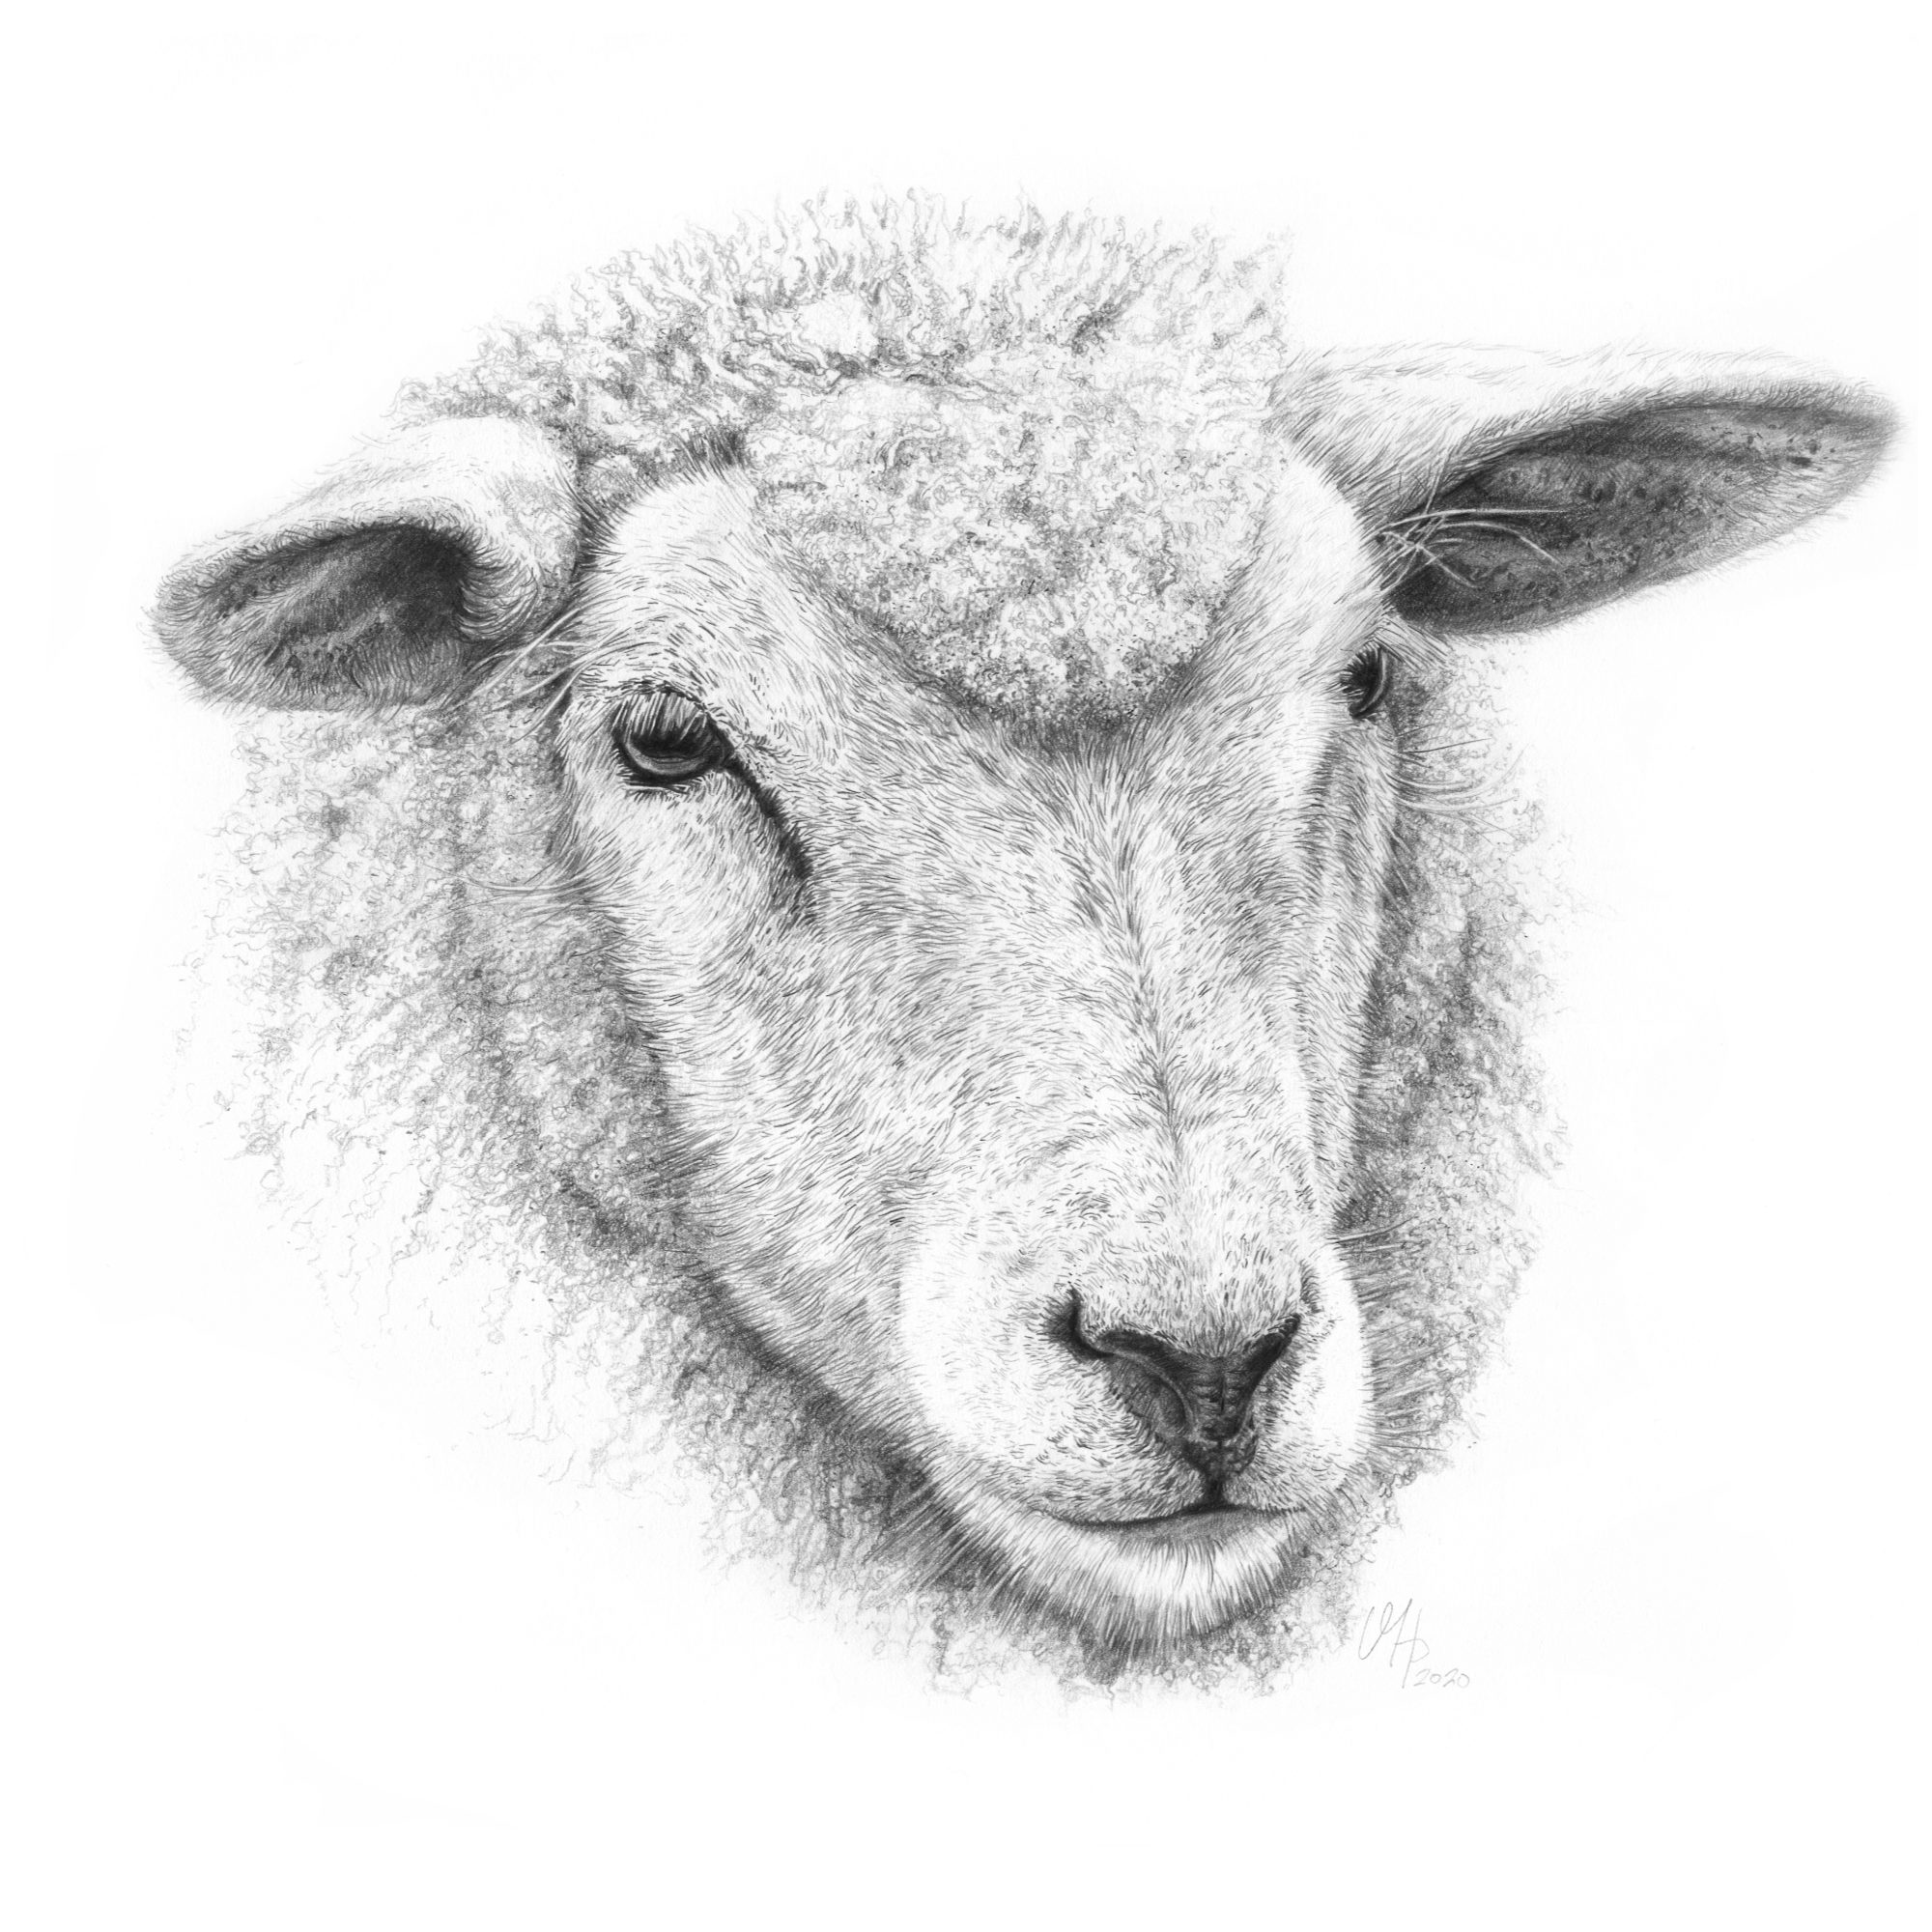 Tierportrait Schaf aus Eiderstedt